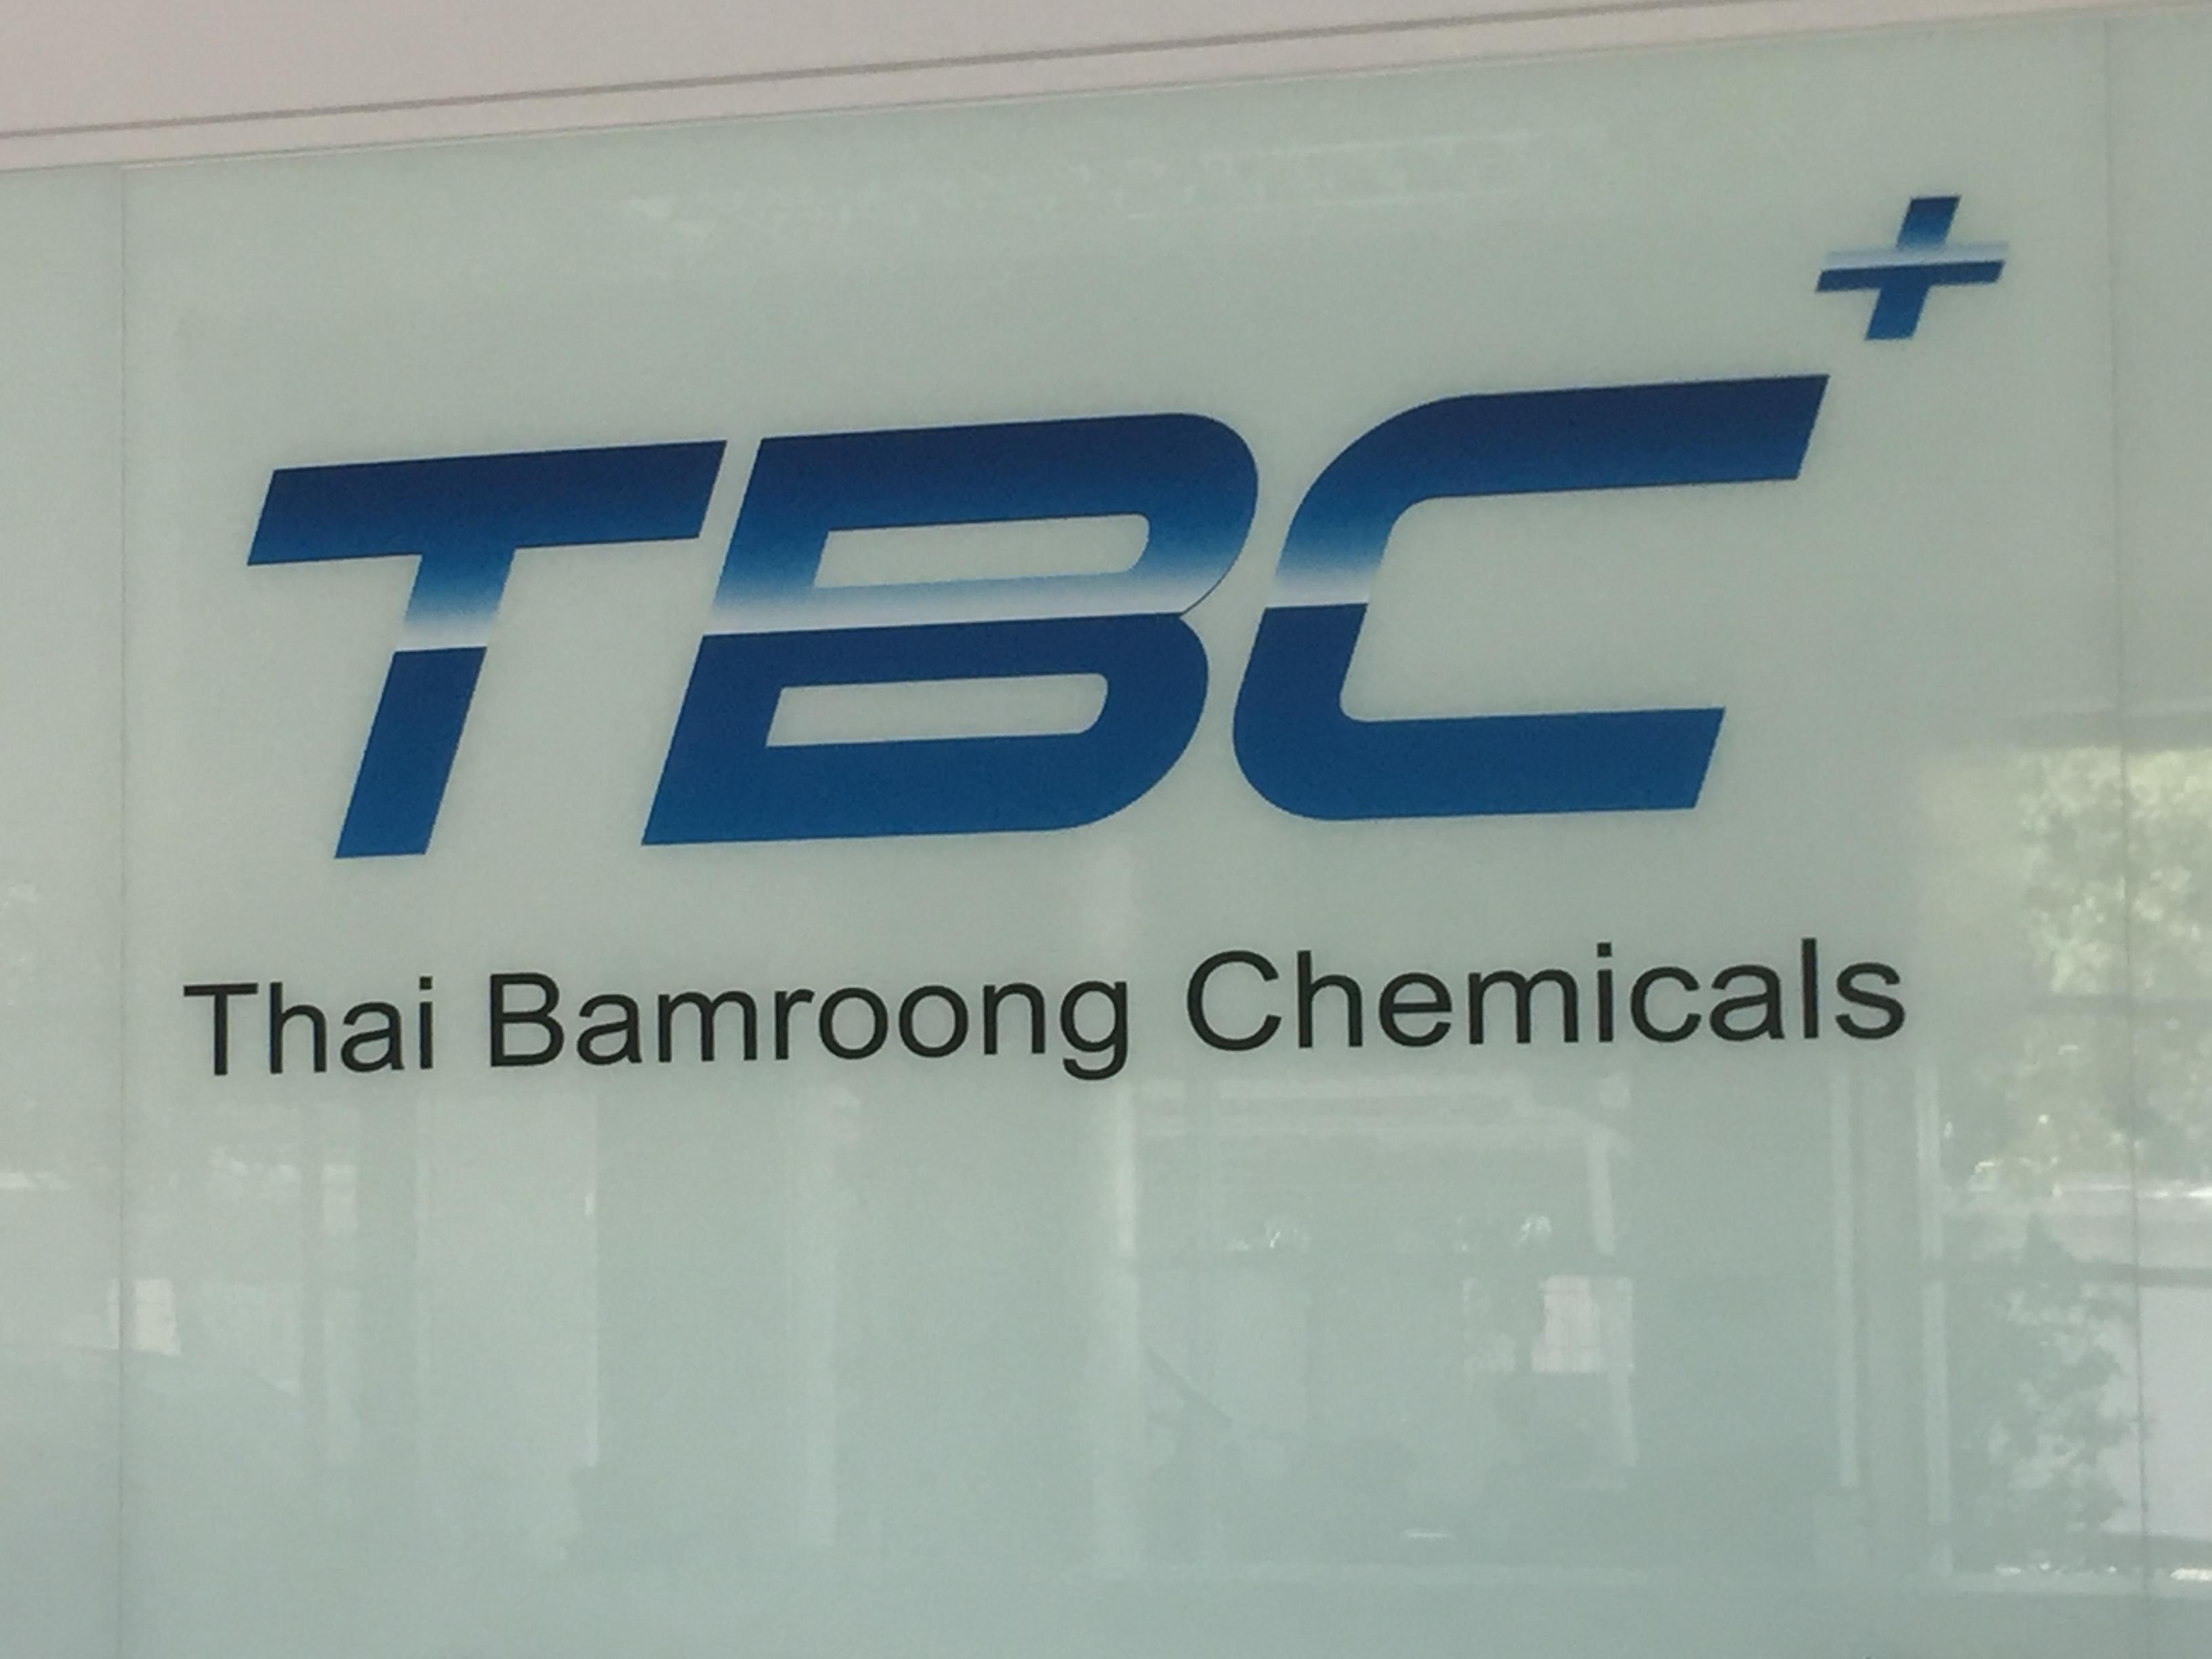 บริษัท ไทยบำรุงเคมีเคิล จำกัด ติดตั้ง เครื่องสแกนลายนิ้วมือ Zkteco MB20